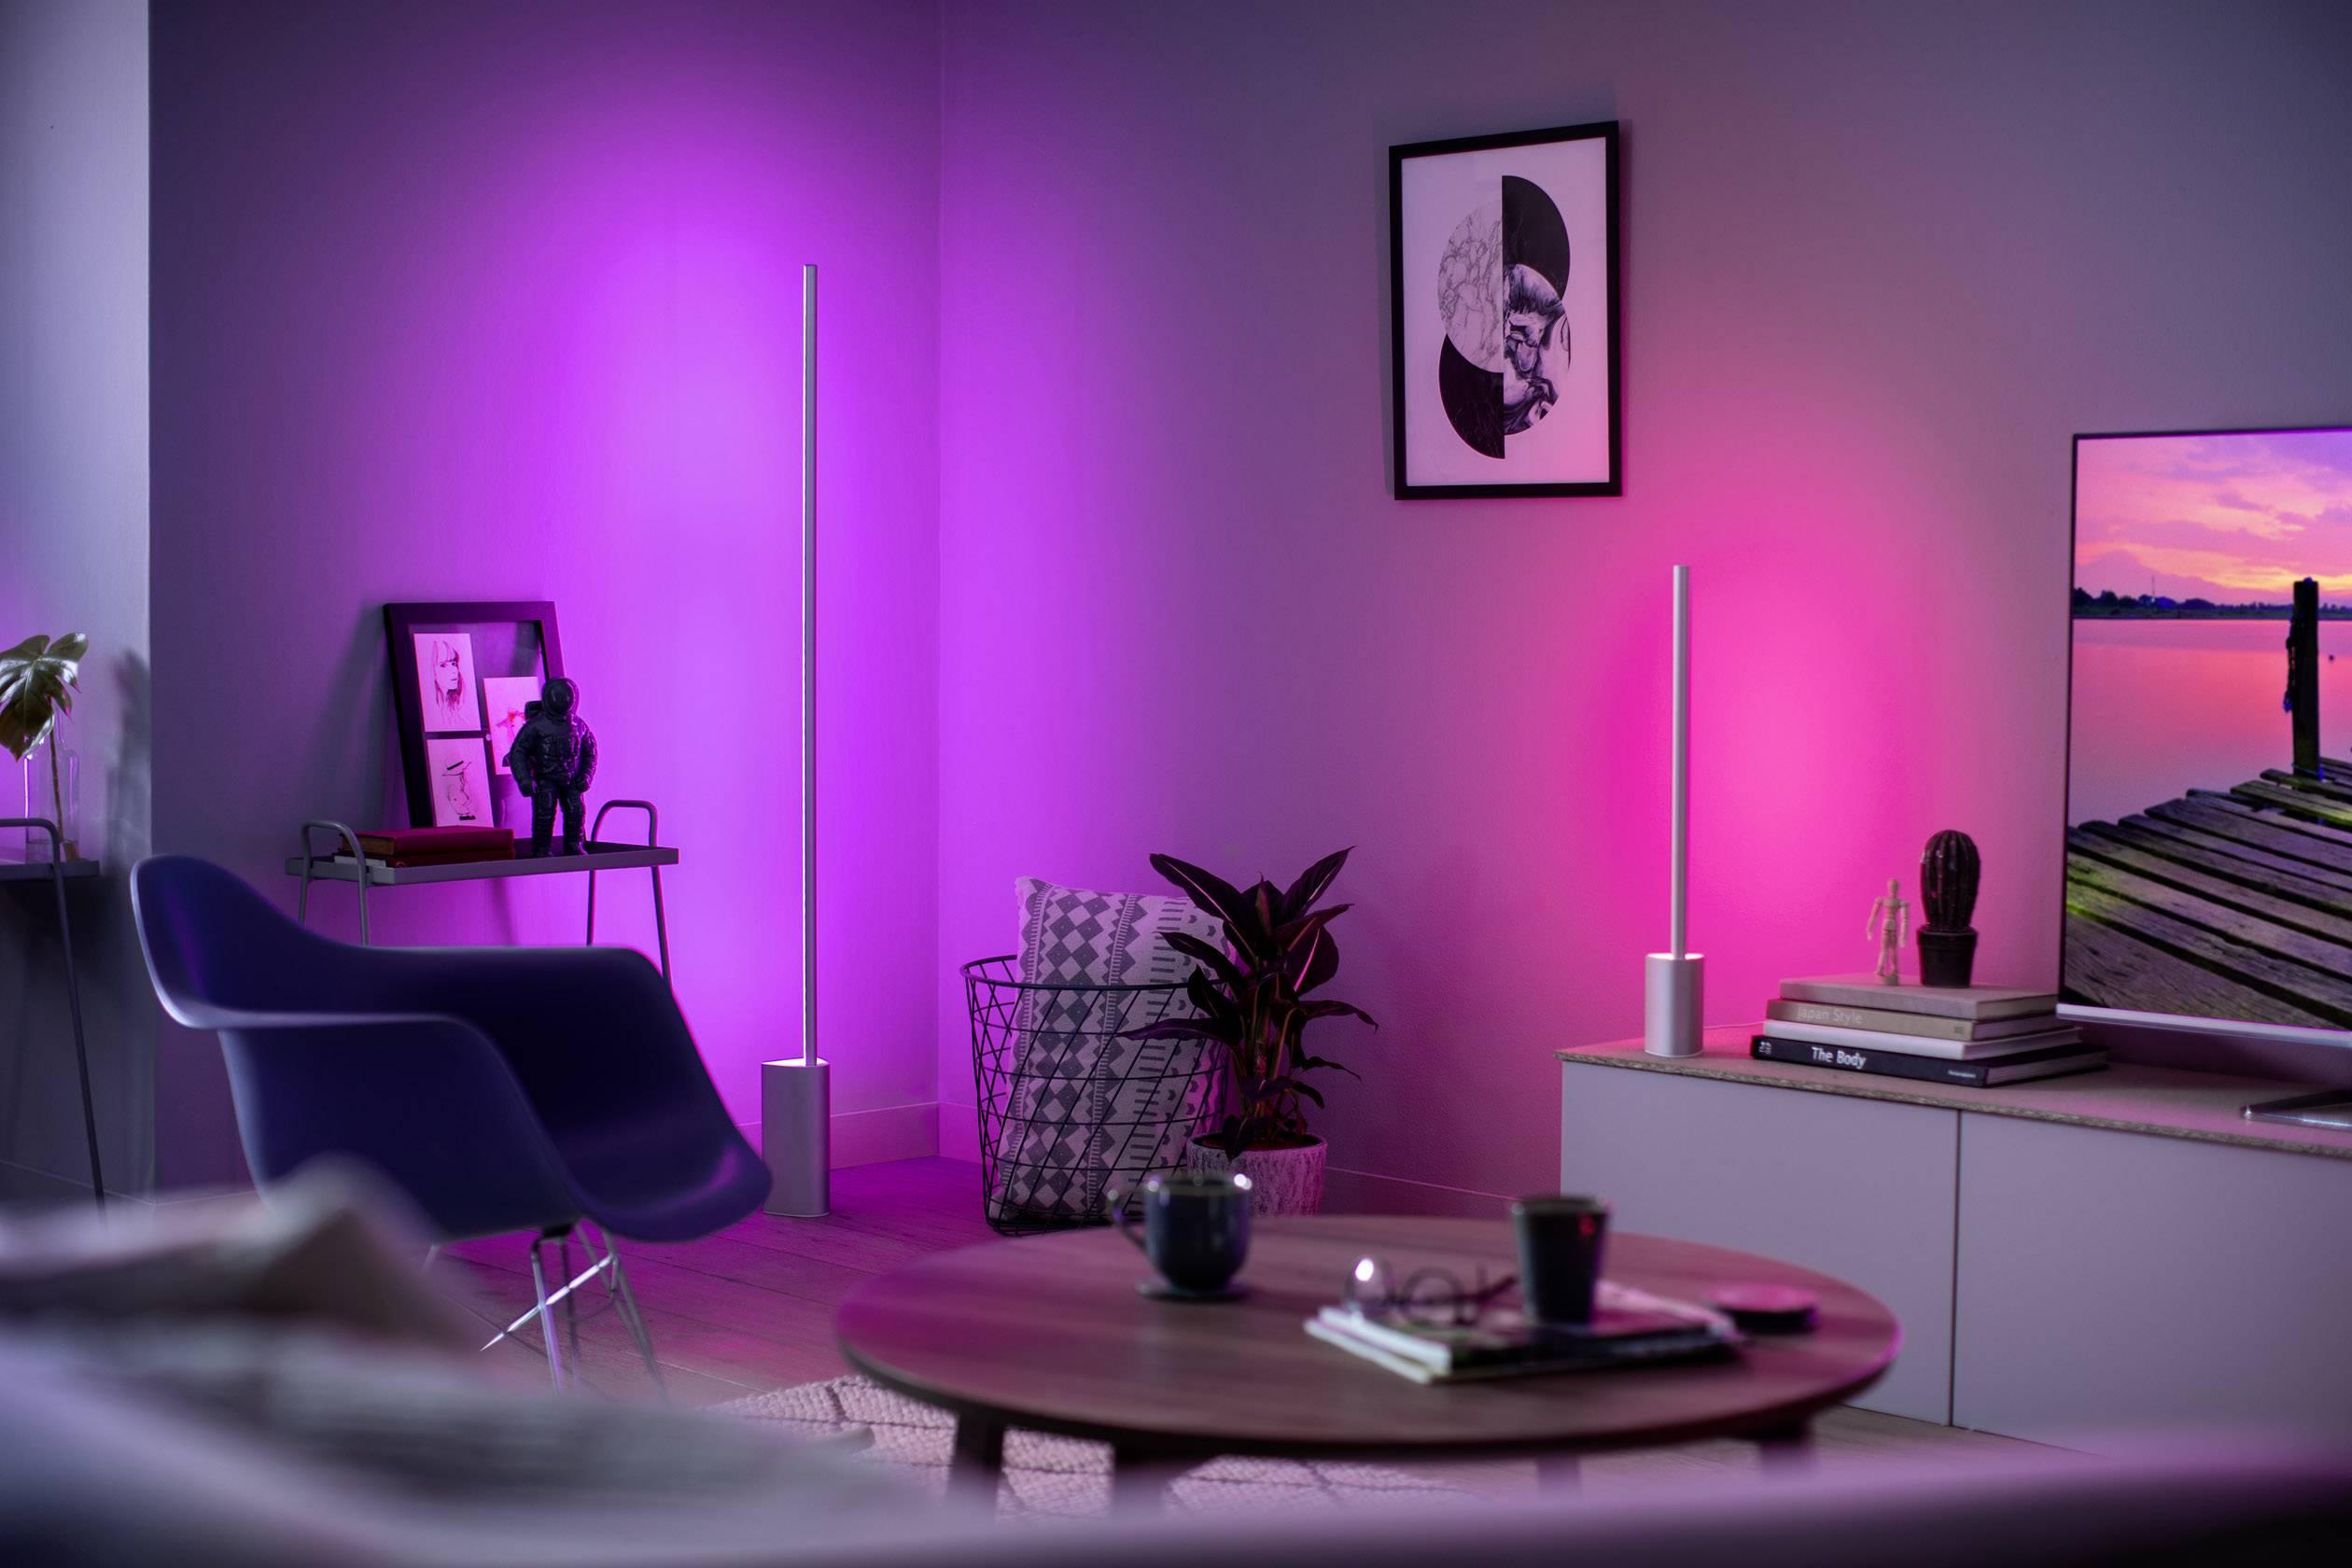 Philips Lighting Hue Led Floor Standing Light Signe Eec Led A E Built In Led 32 W Rgbw